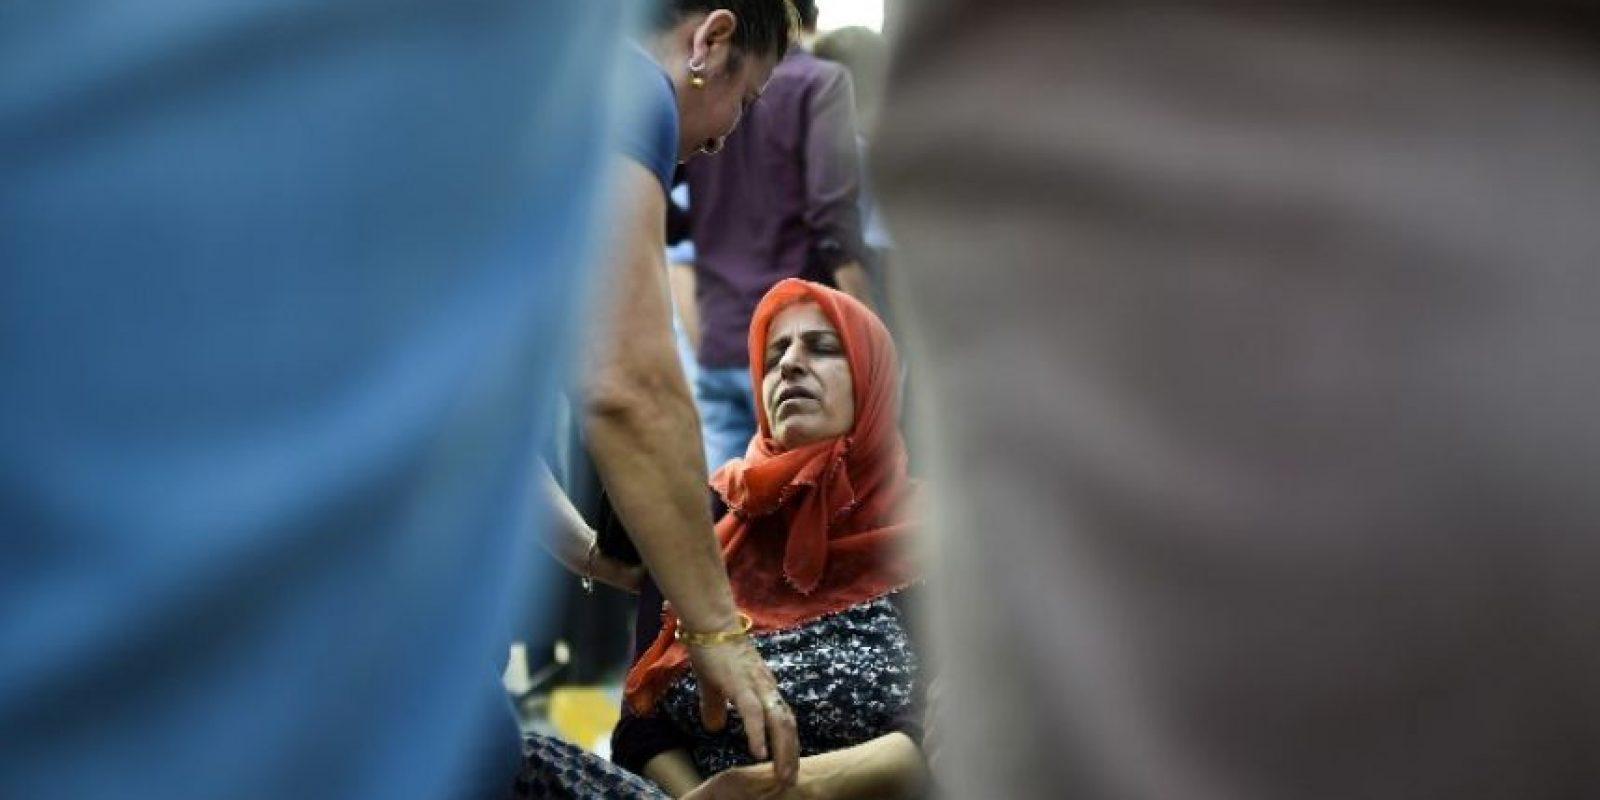 Seis se reportan de gravedad, lo que podría aumentar la cifra de fallecidos Foto:AFP